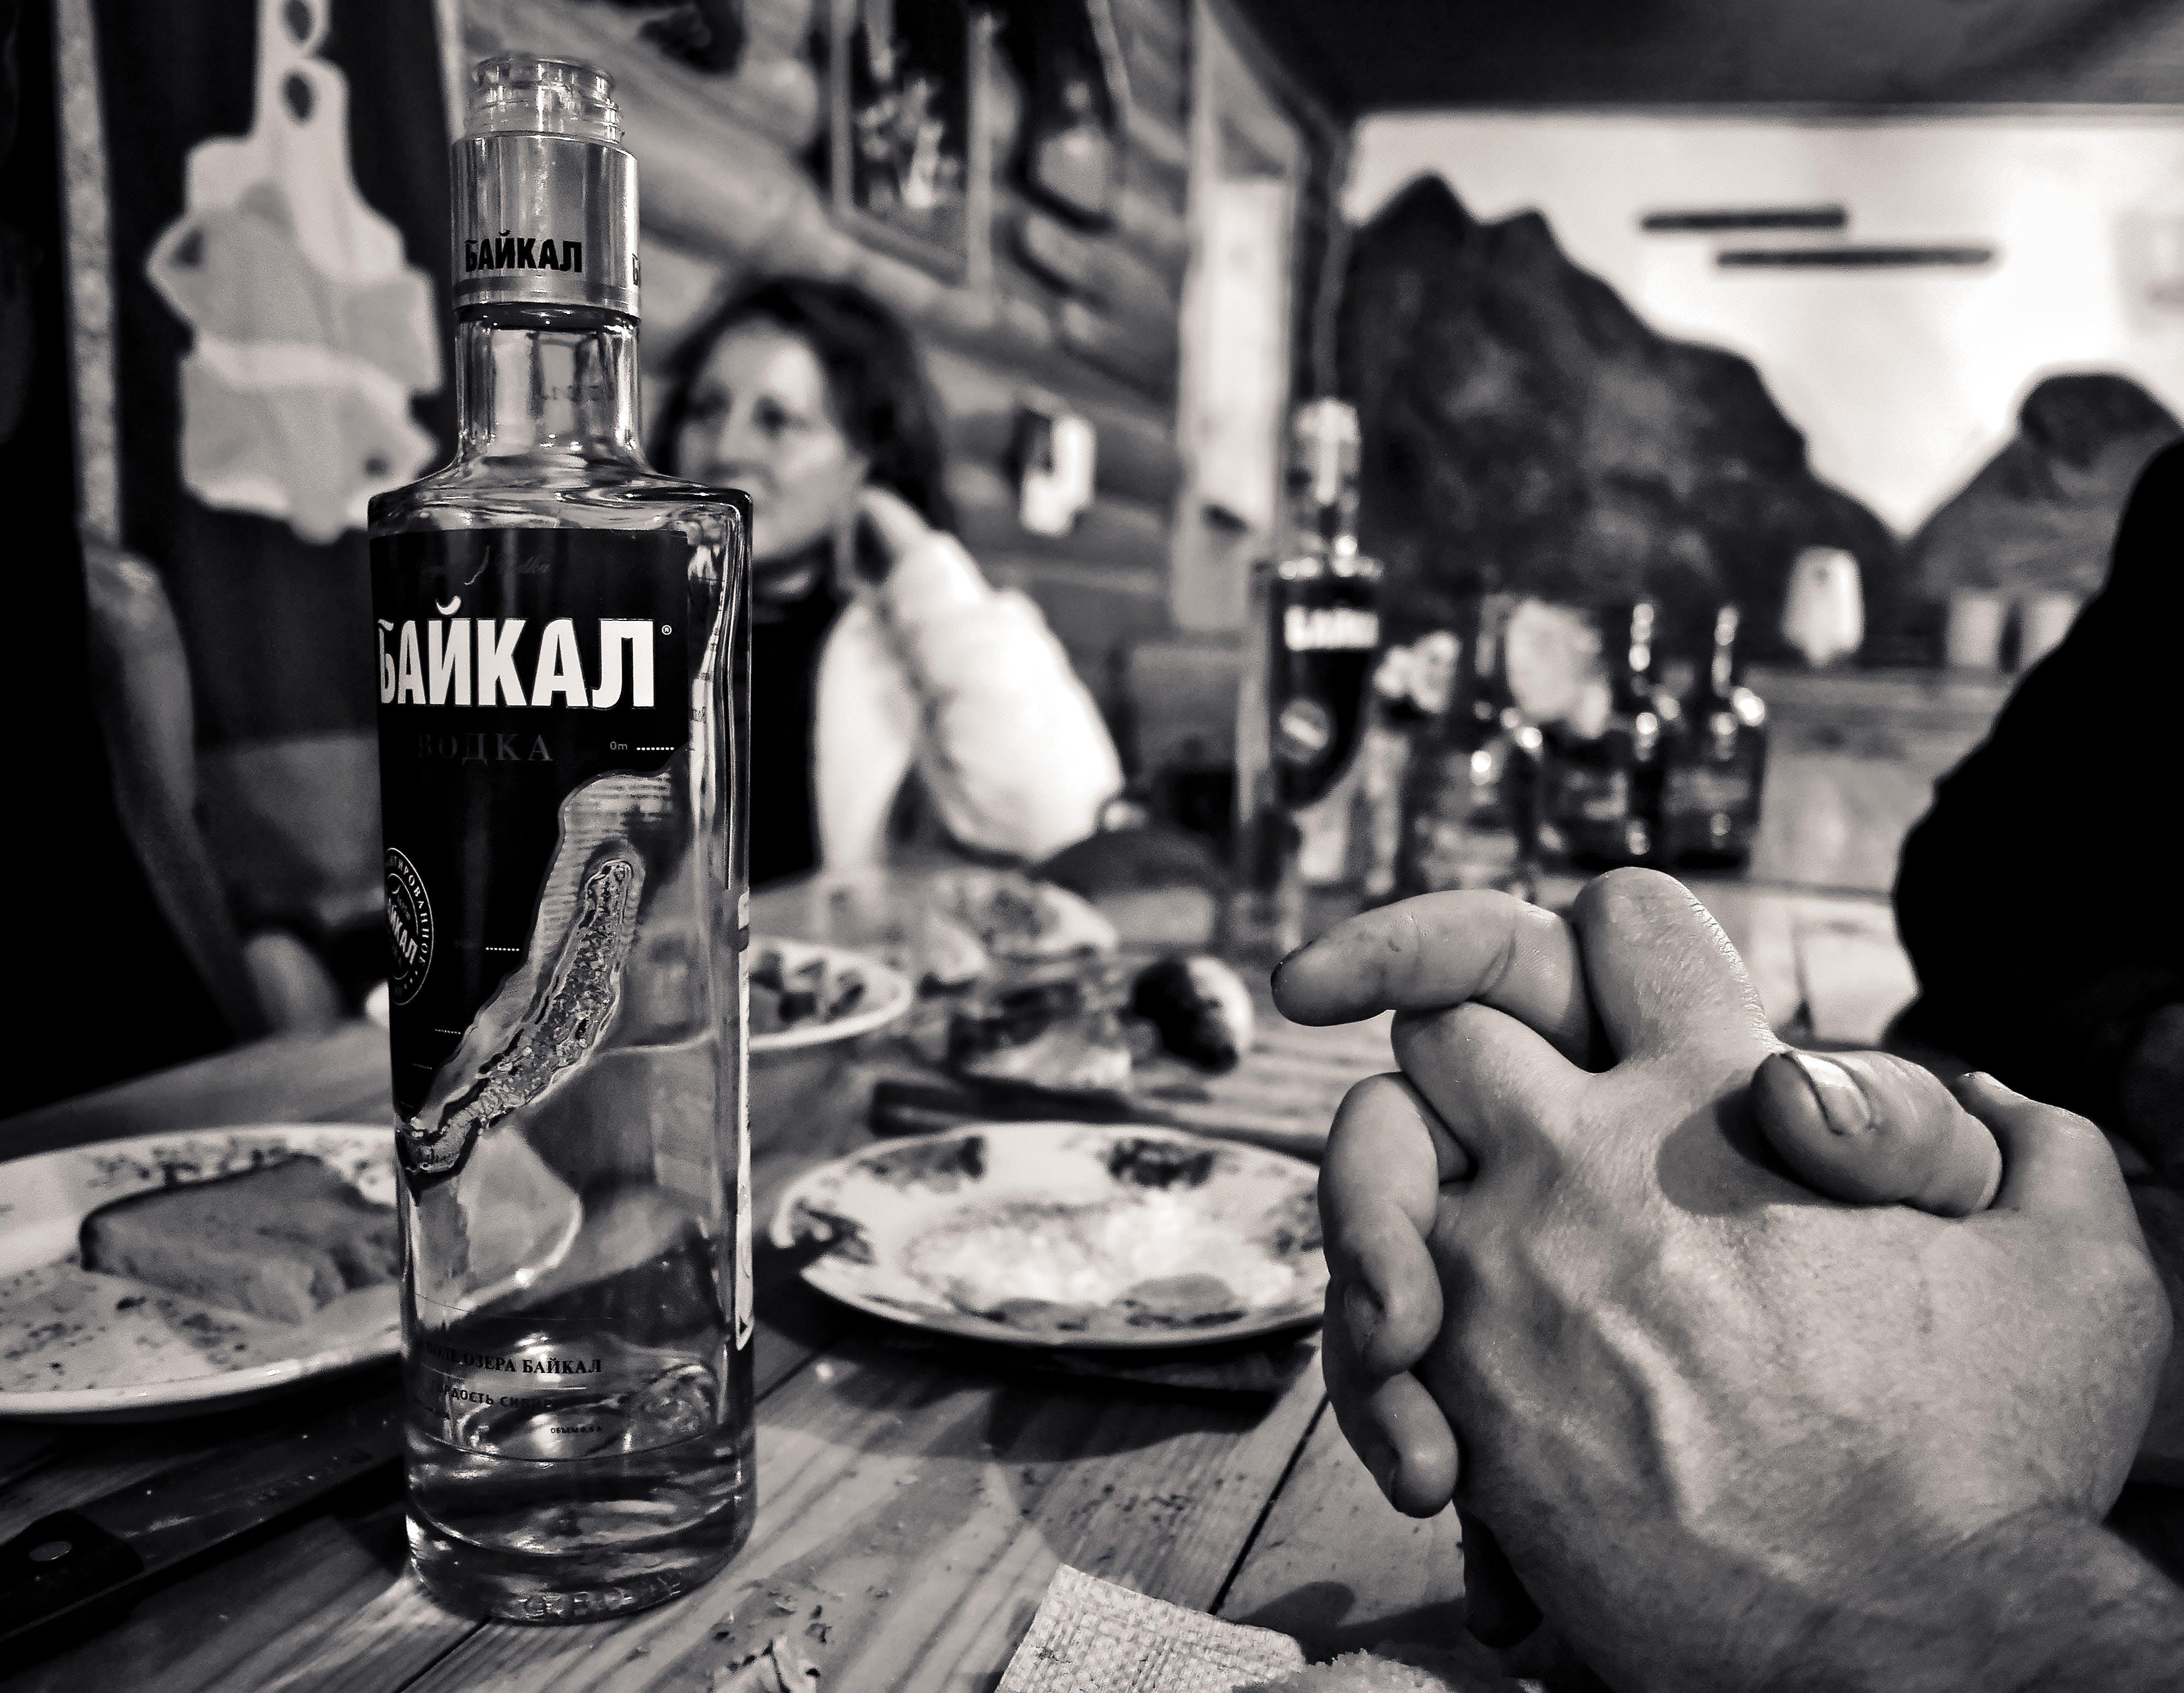 人, 伏特加, 俄國, 吃 的 免费素材照片